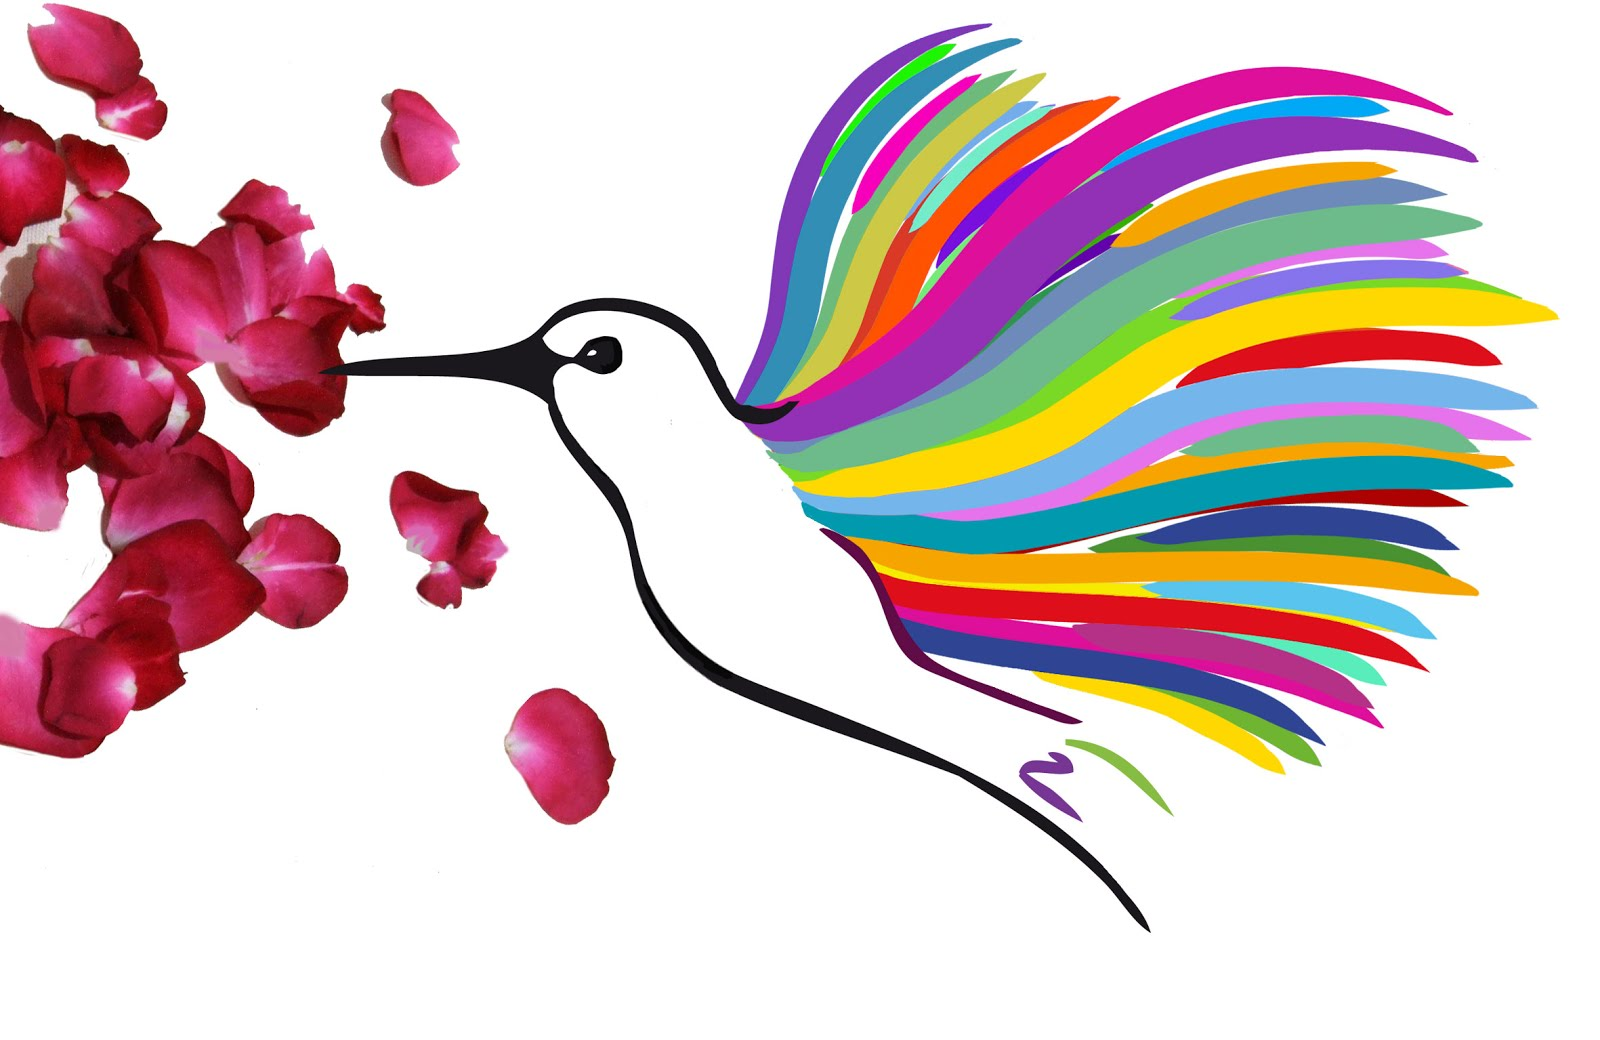 El camíno del colibrí